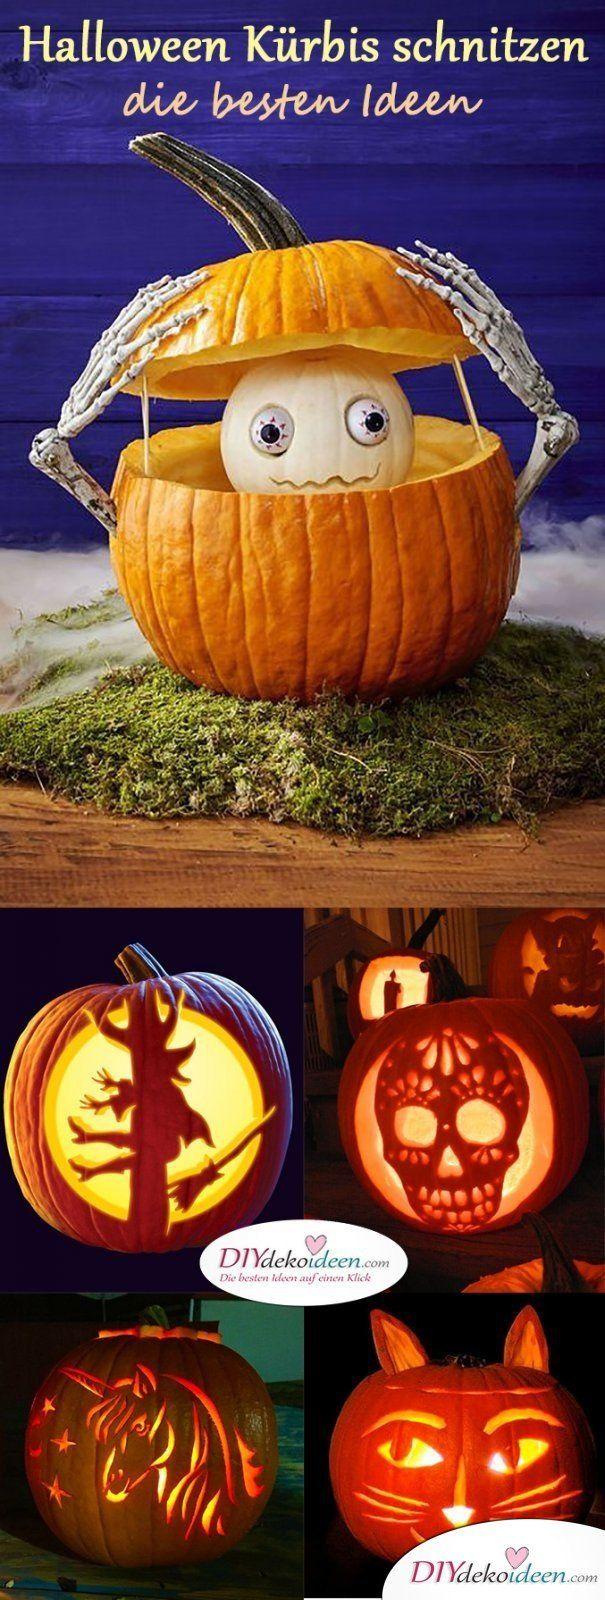 Kürbis schnitzen zu Halloween - Das sind die besten Ideen zum Gruselfest #hoppyeaster